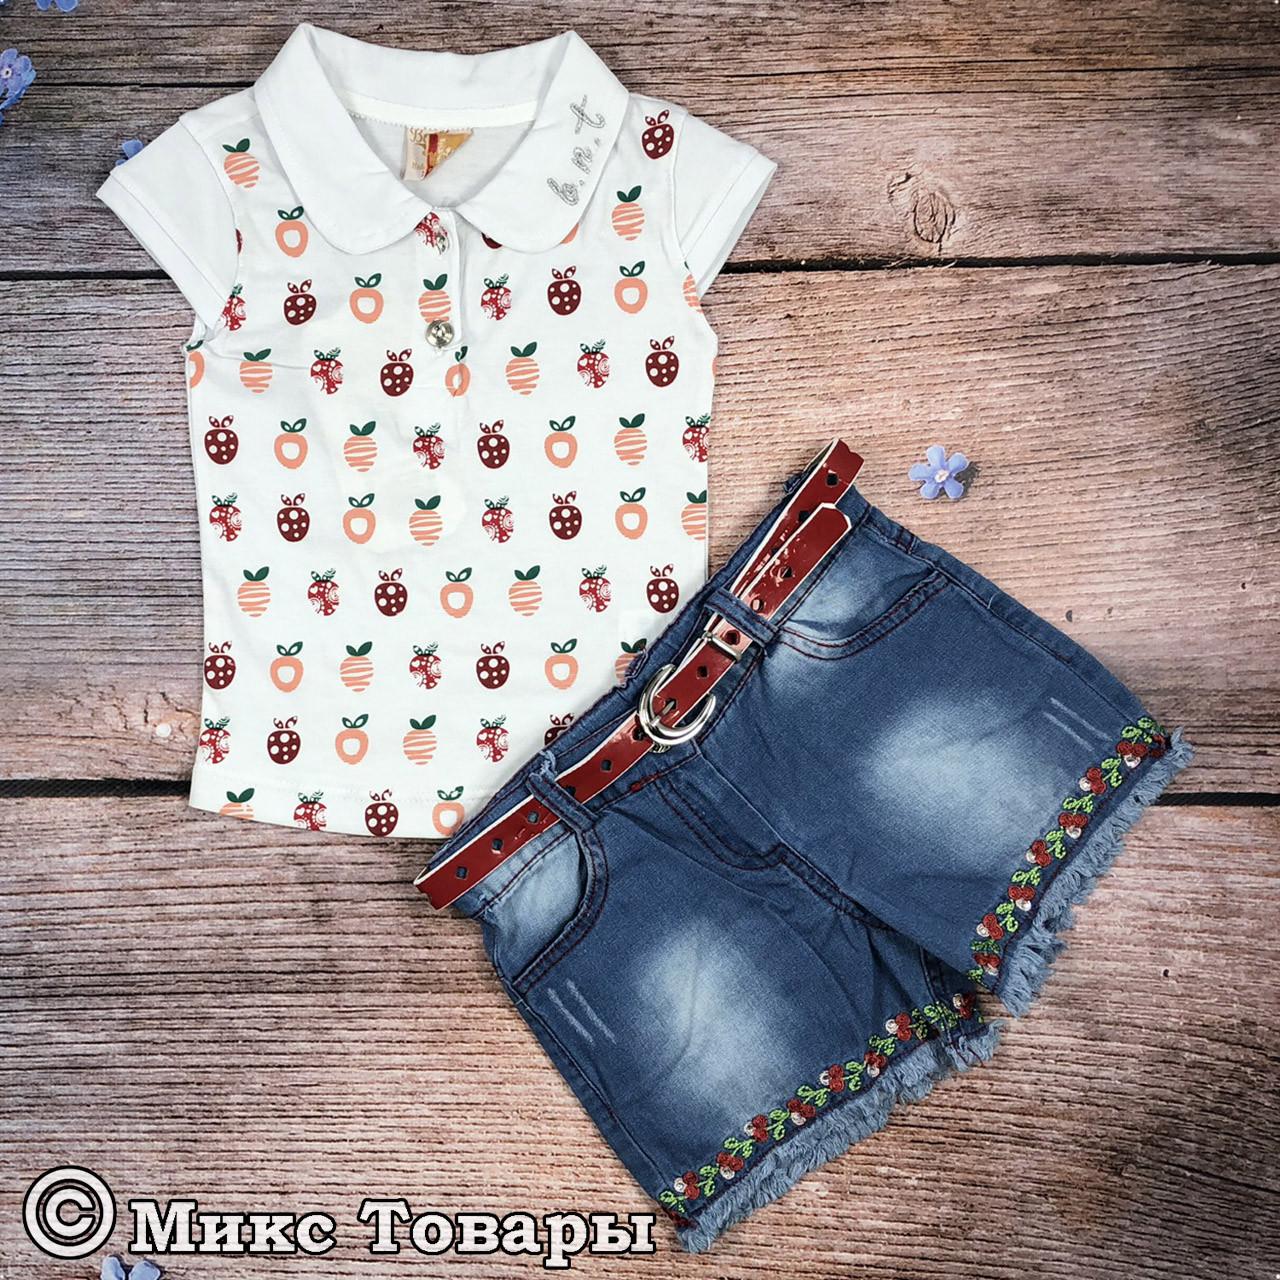 Джинсовые шорты и футболка Летний костюм для девочки Размеры: 2-3 и 4-5 лет (8047)